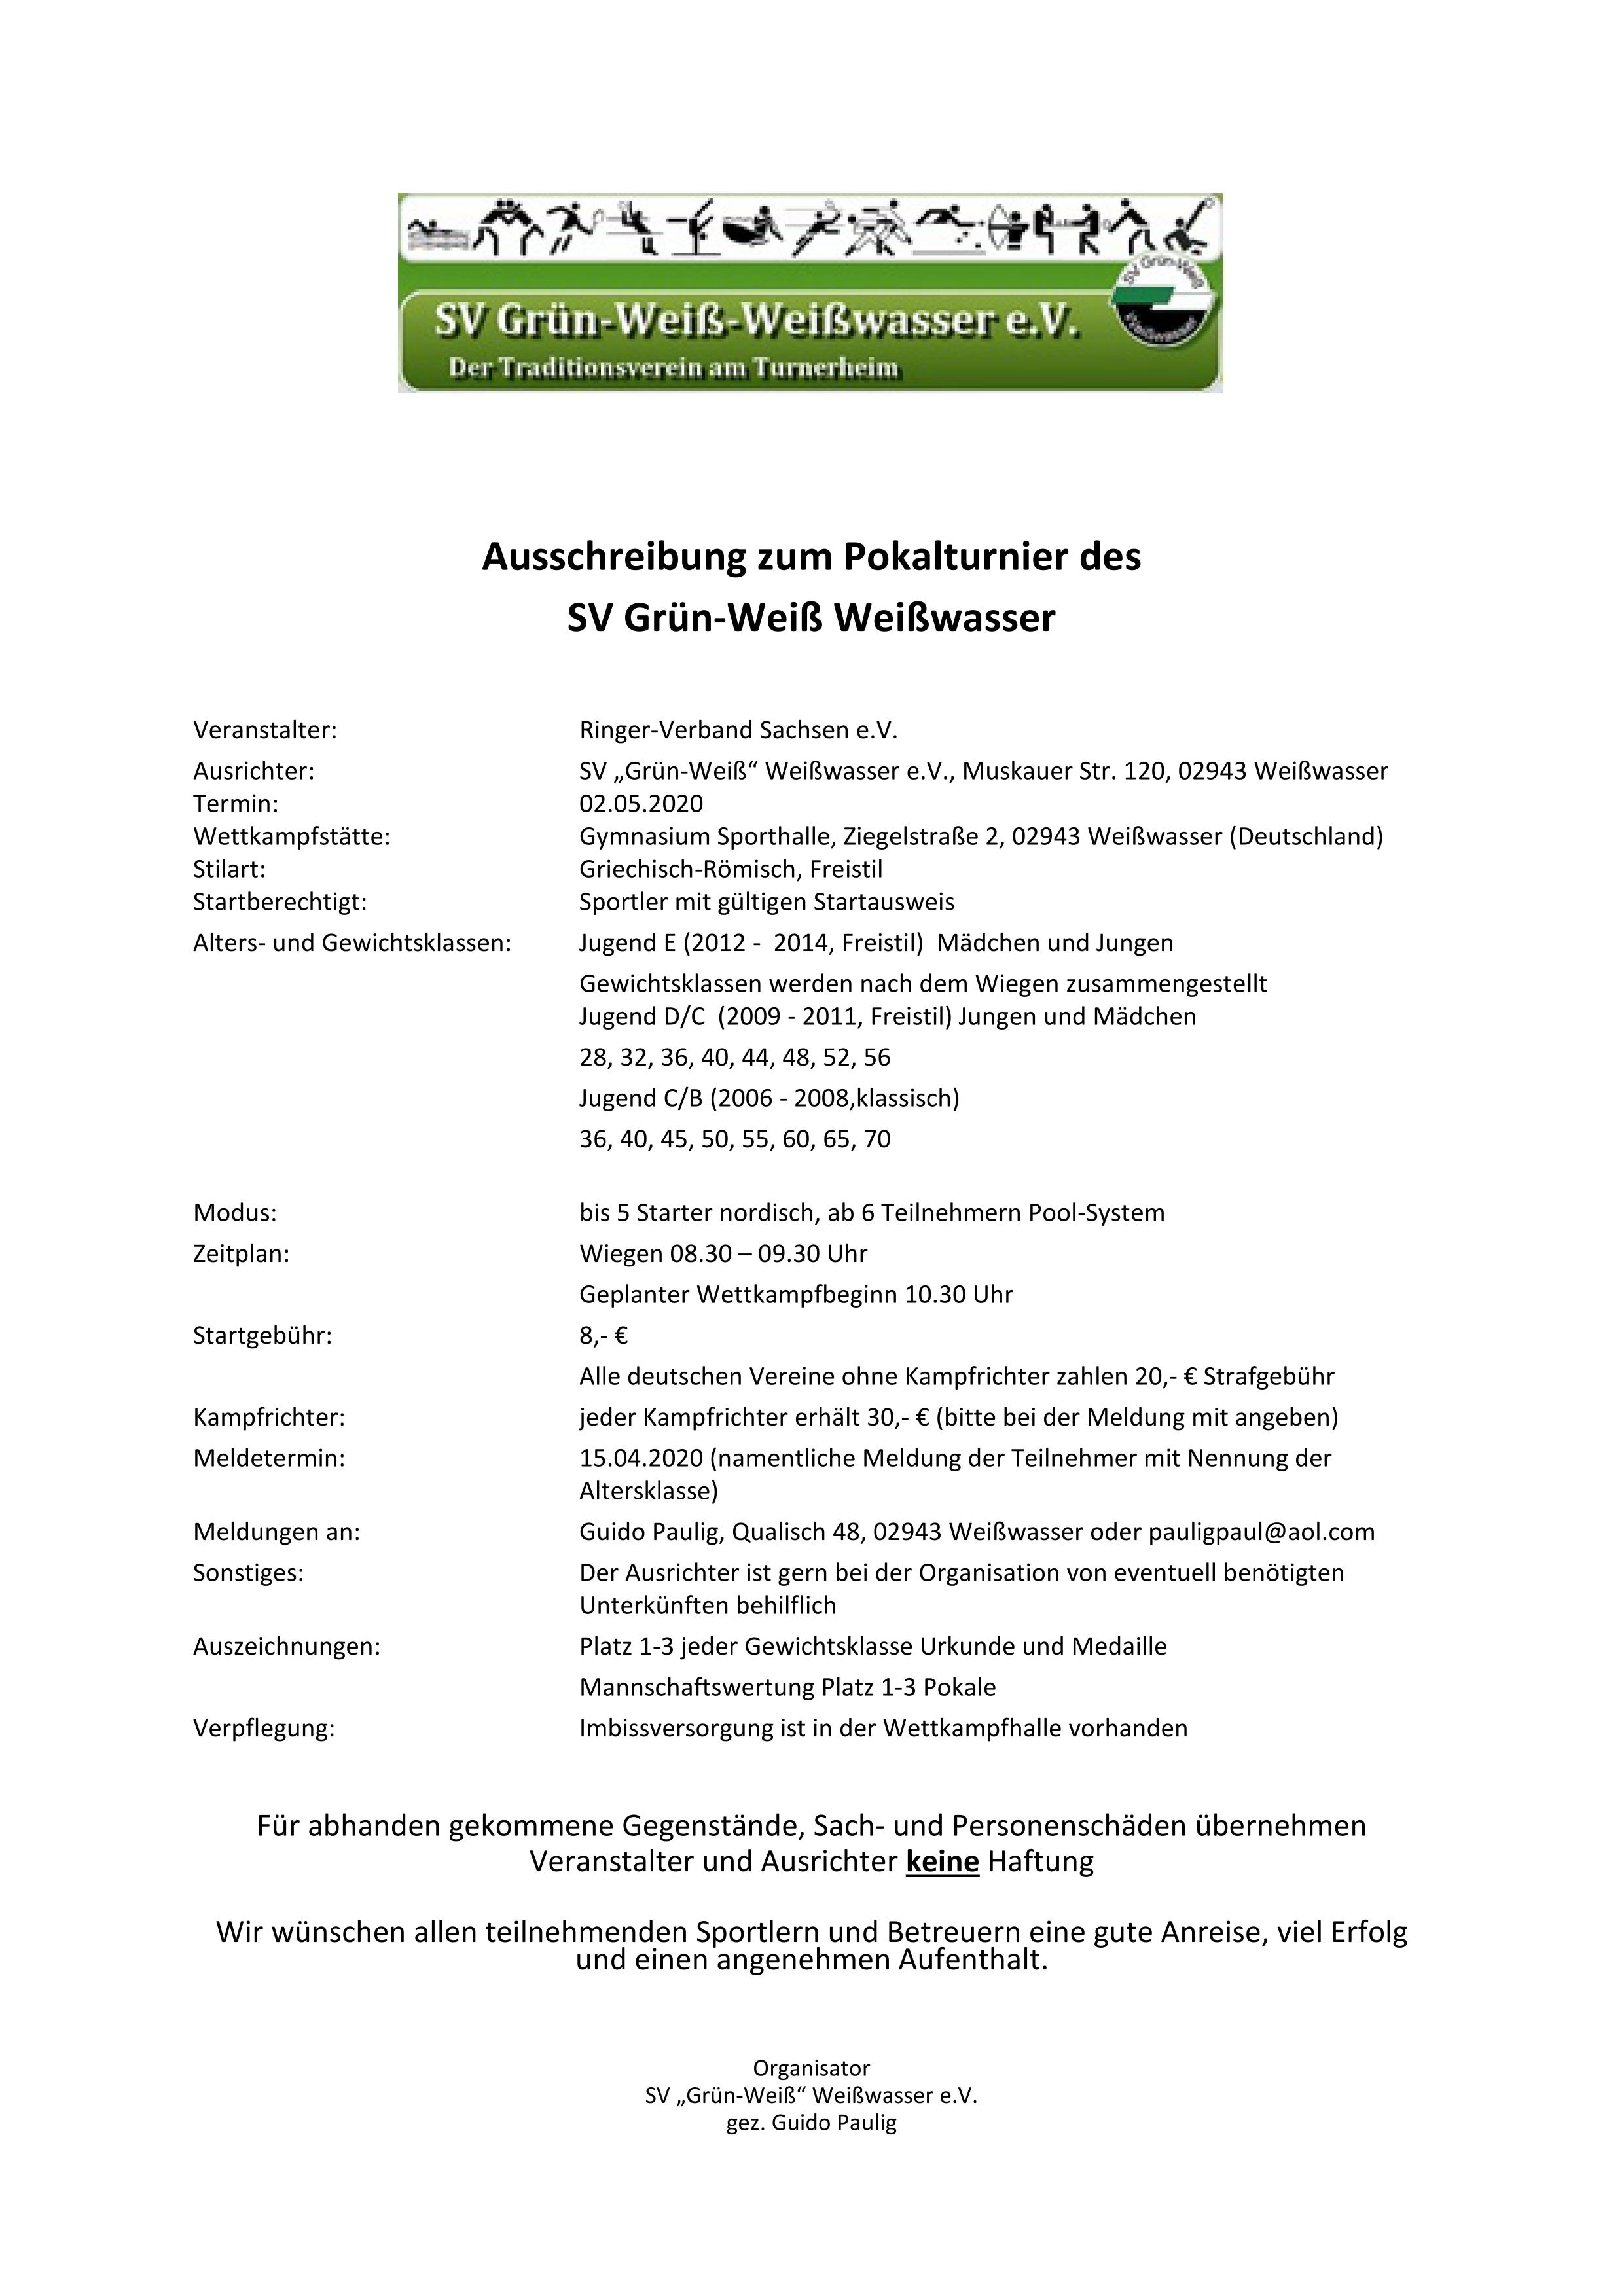 Pokalturnier des SV Grün-Weiß Weißwasser 2020